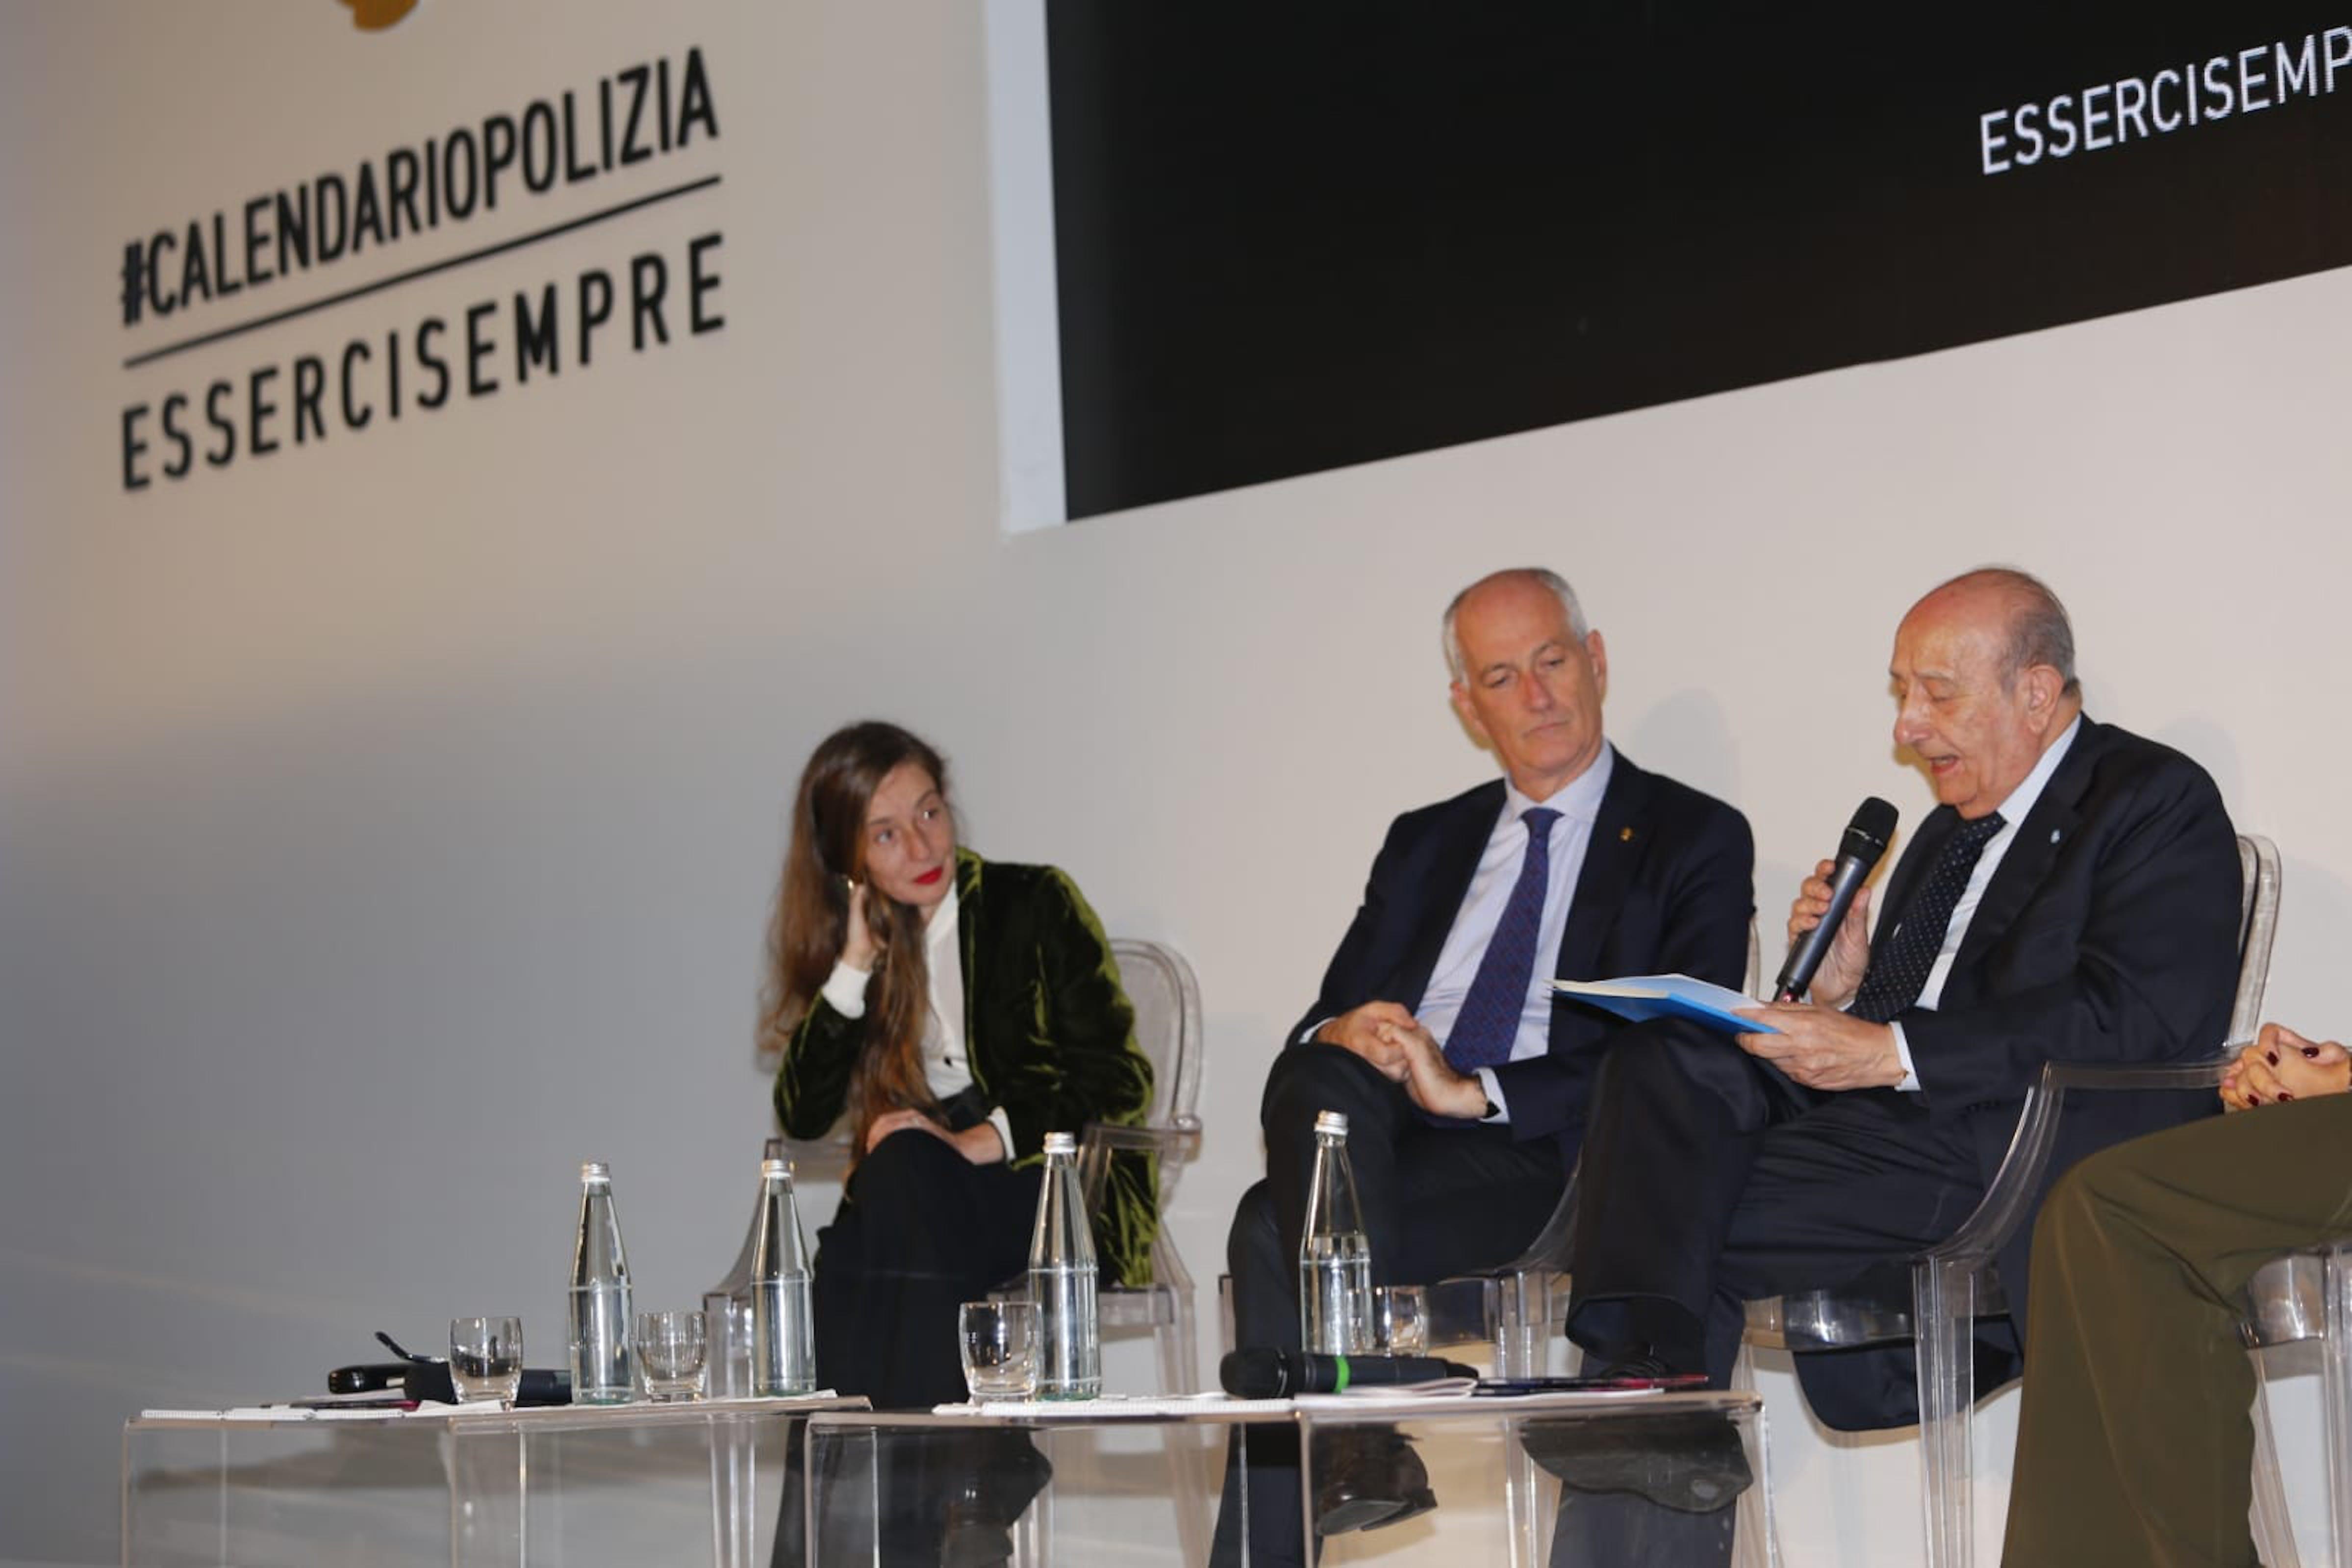 Il capo della Polizia Franco Gabrielli (sin.) e il presidente dell'UNICEF Italia Francesco Samengo alla cerimonia di presentazione del Calendario 2020 della Polizia di Stato